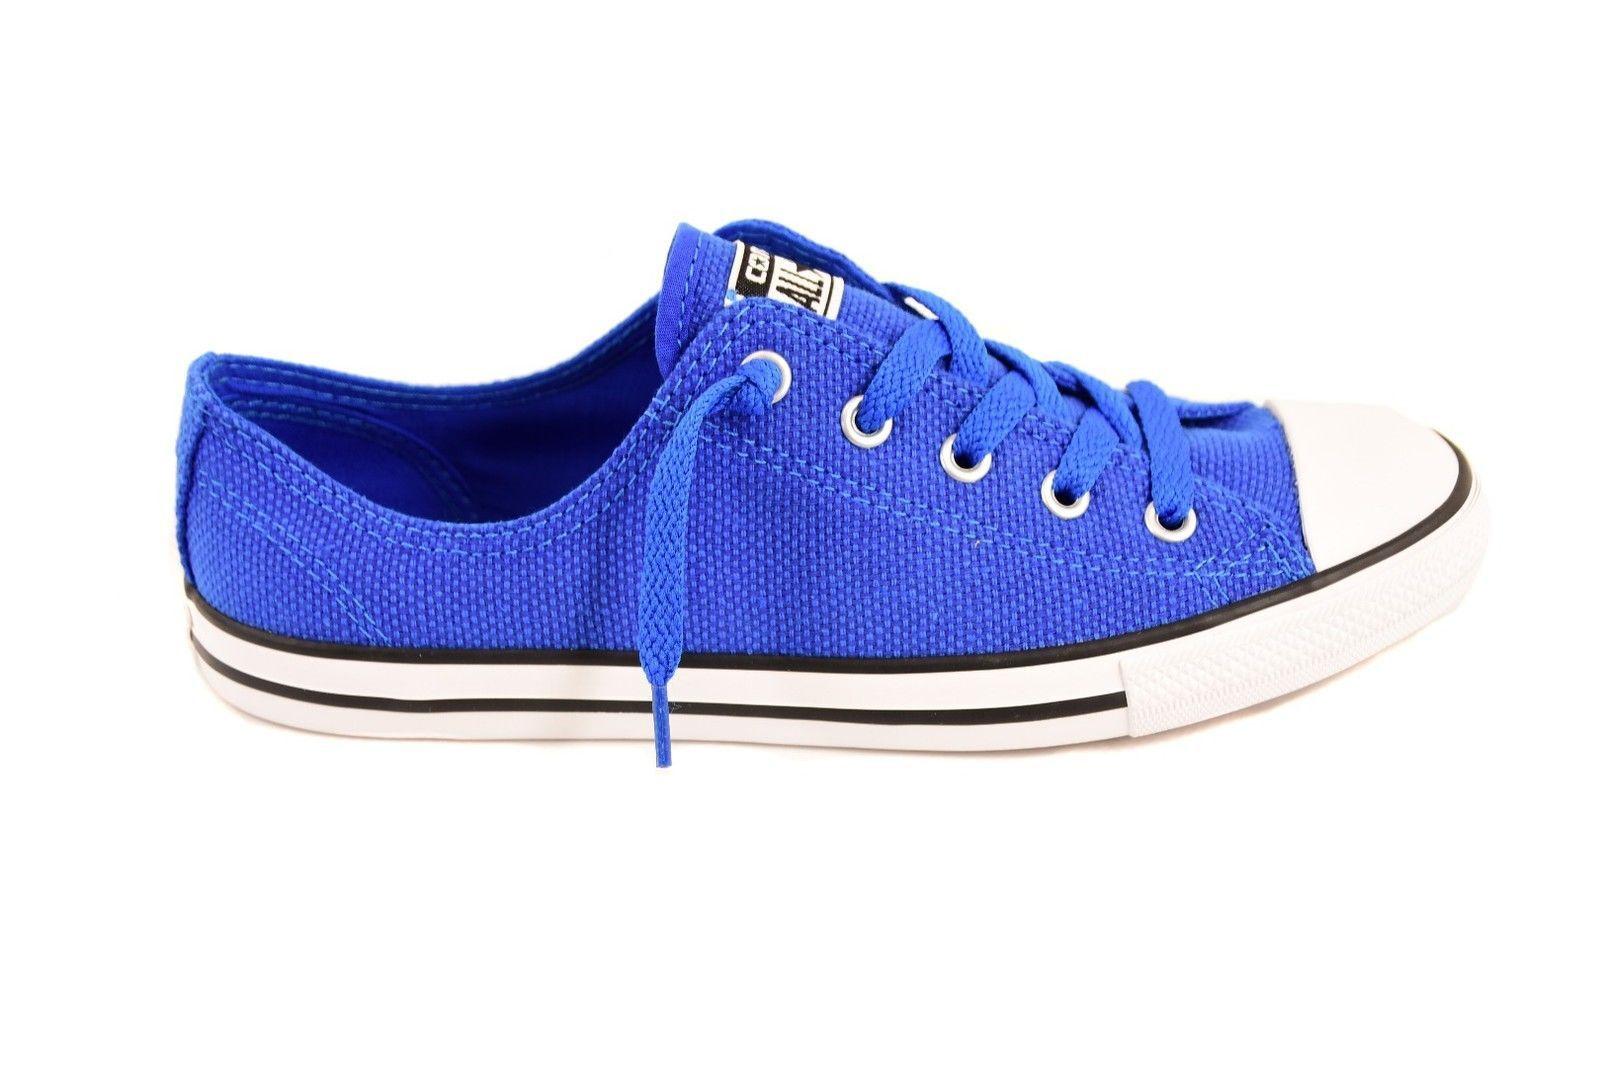 Converse Mujeres Ctas Delicado Ox 551659 C Zapatillas Láser Láser Láser Azul EE. UU. 8,5 PVP 65   BCF73  Más asequible